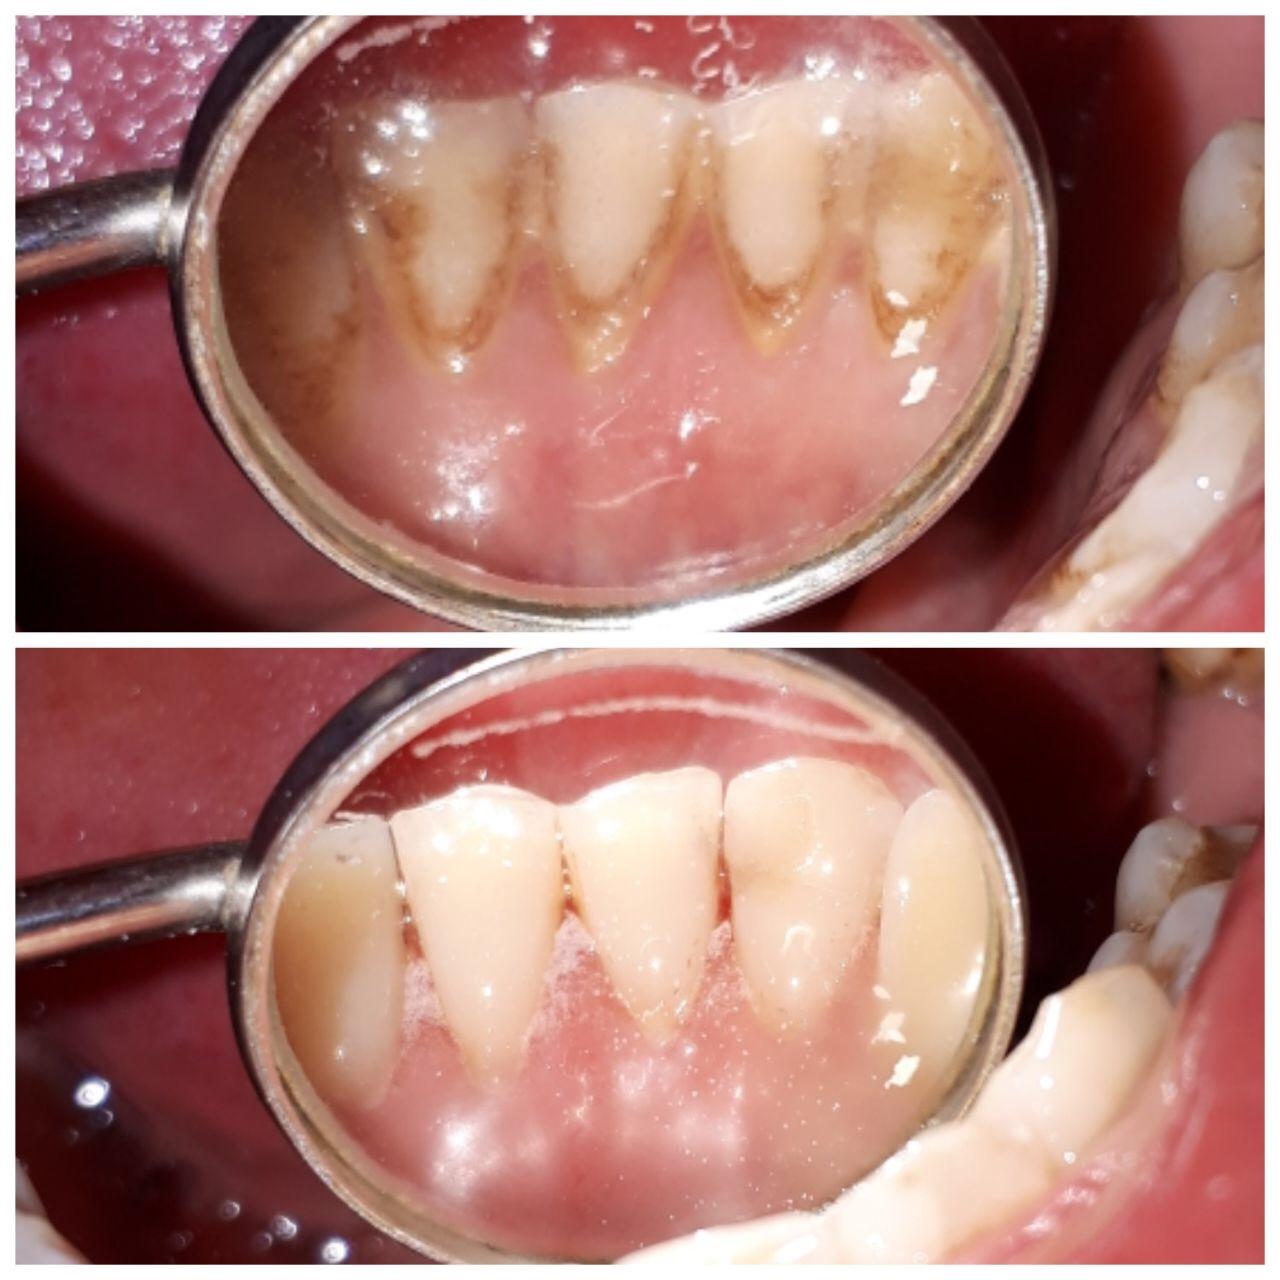 Как избавиться от зуба в домашних условиях 139